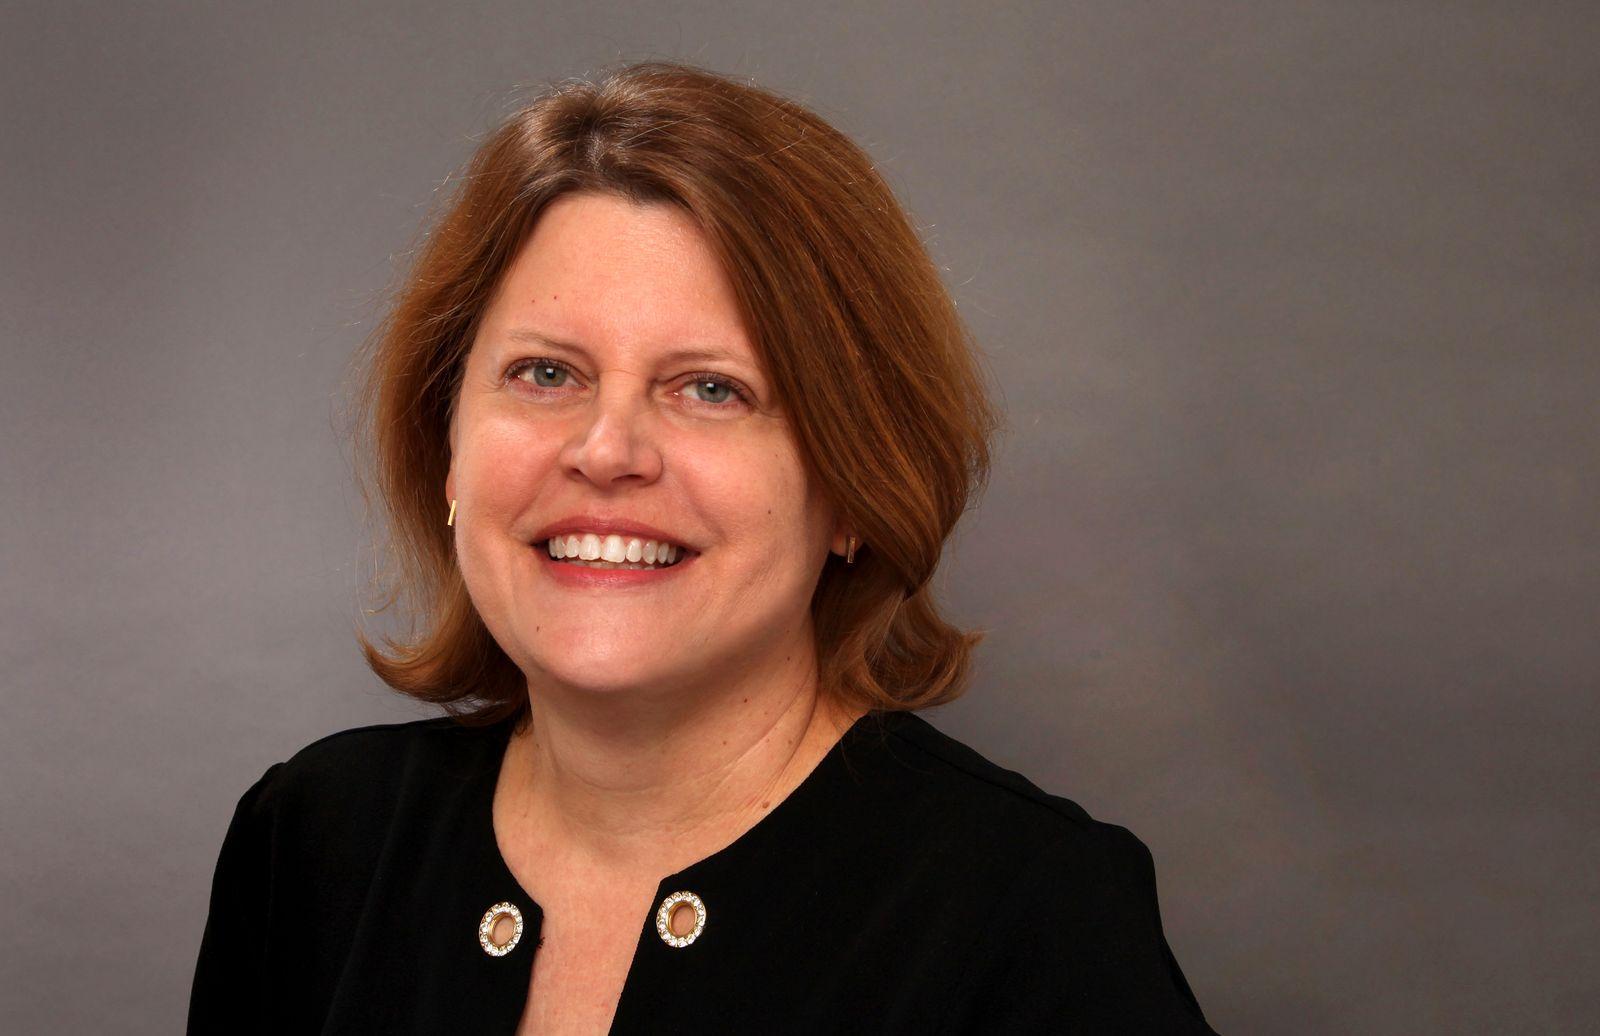 Buzbee Washington Post,Sally Buzbee